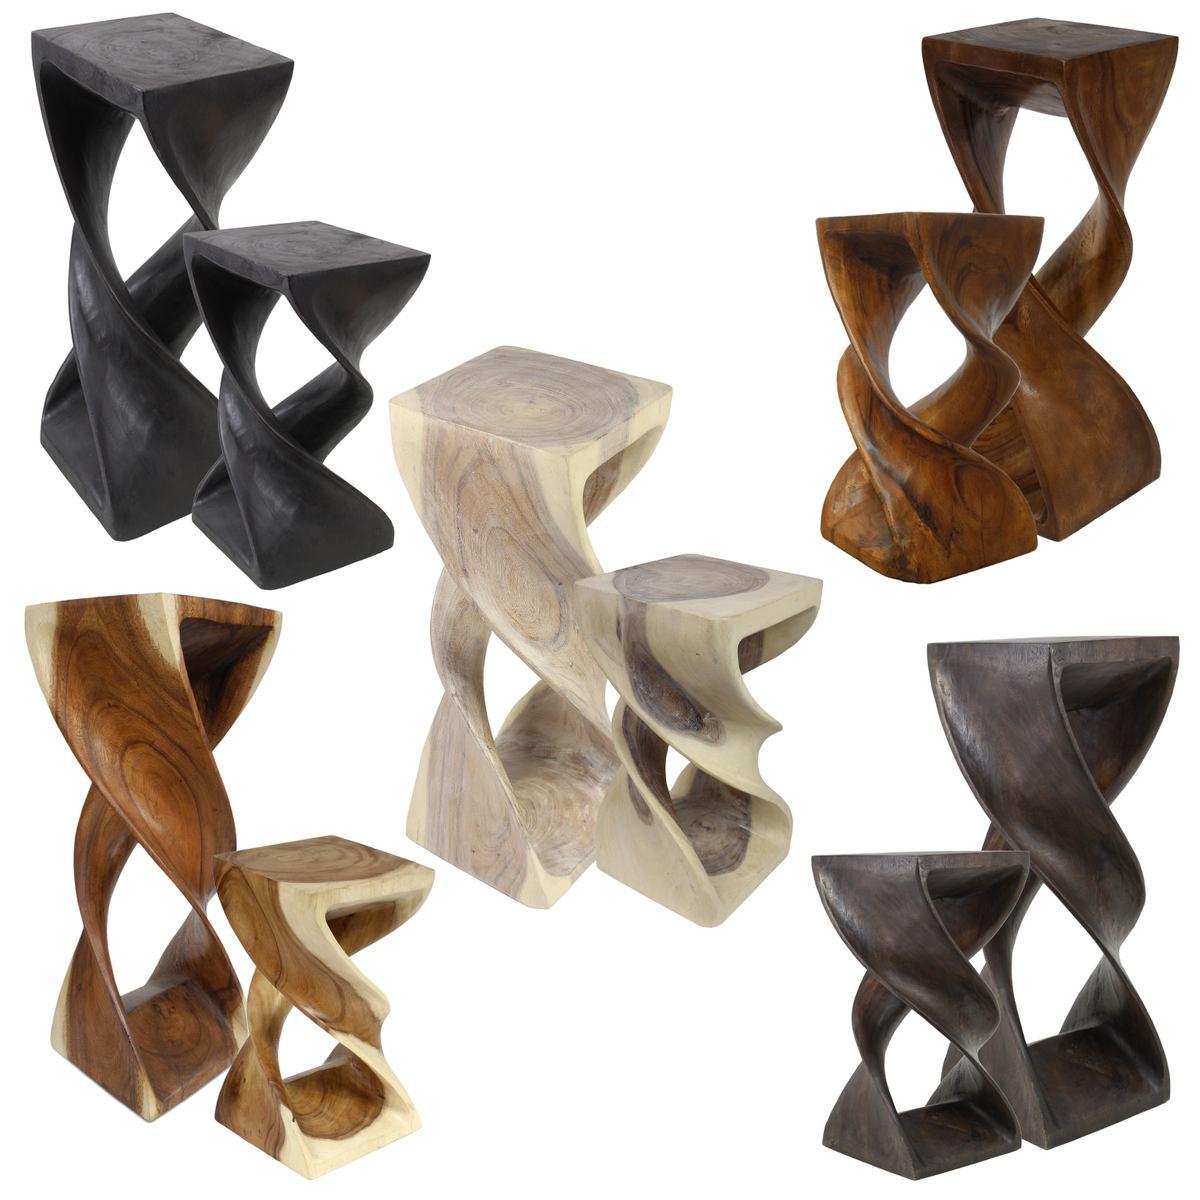 Gewaltig Beistelltisch Holz Galerie Von Hocker Doppelt Gedreht Ständer Säule Podest Holzhocker